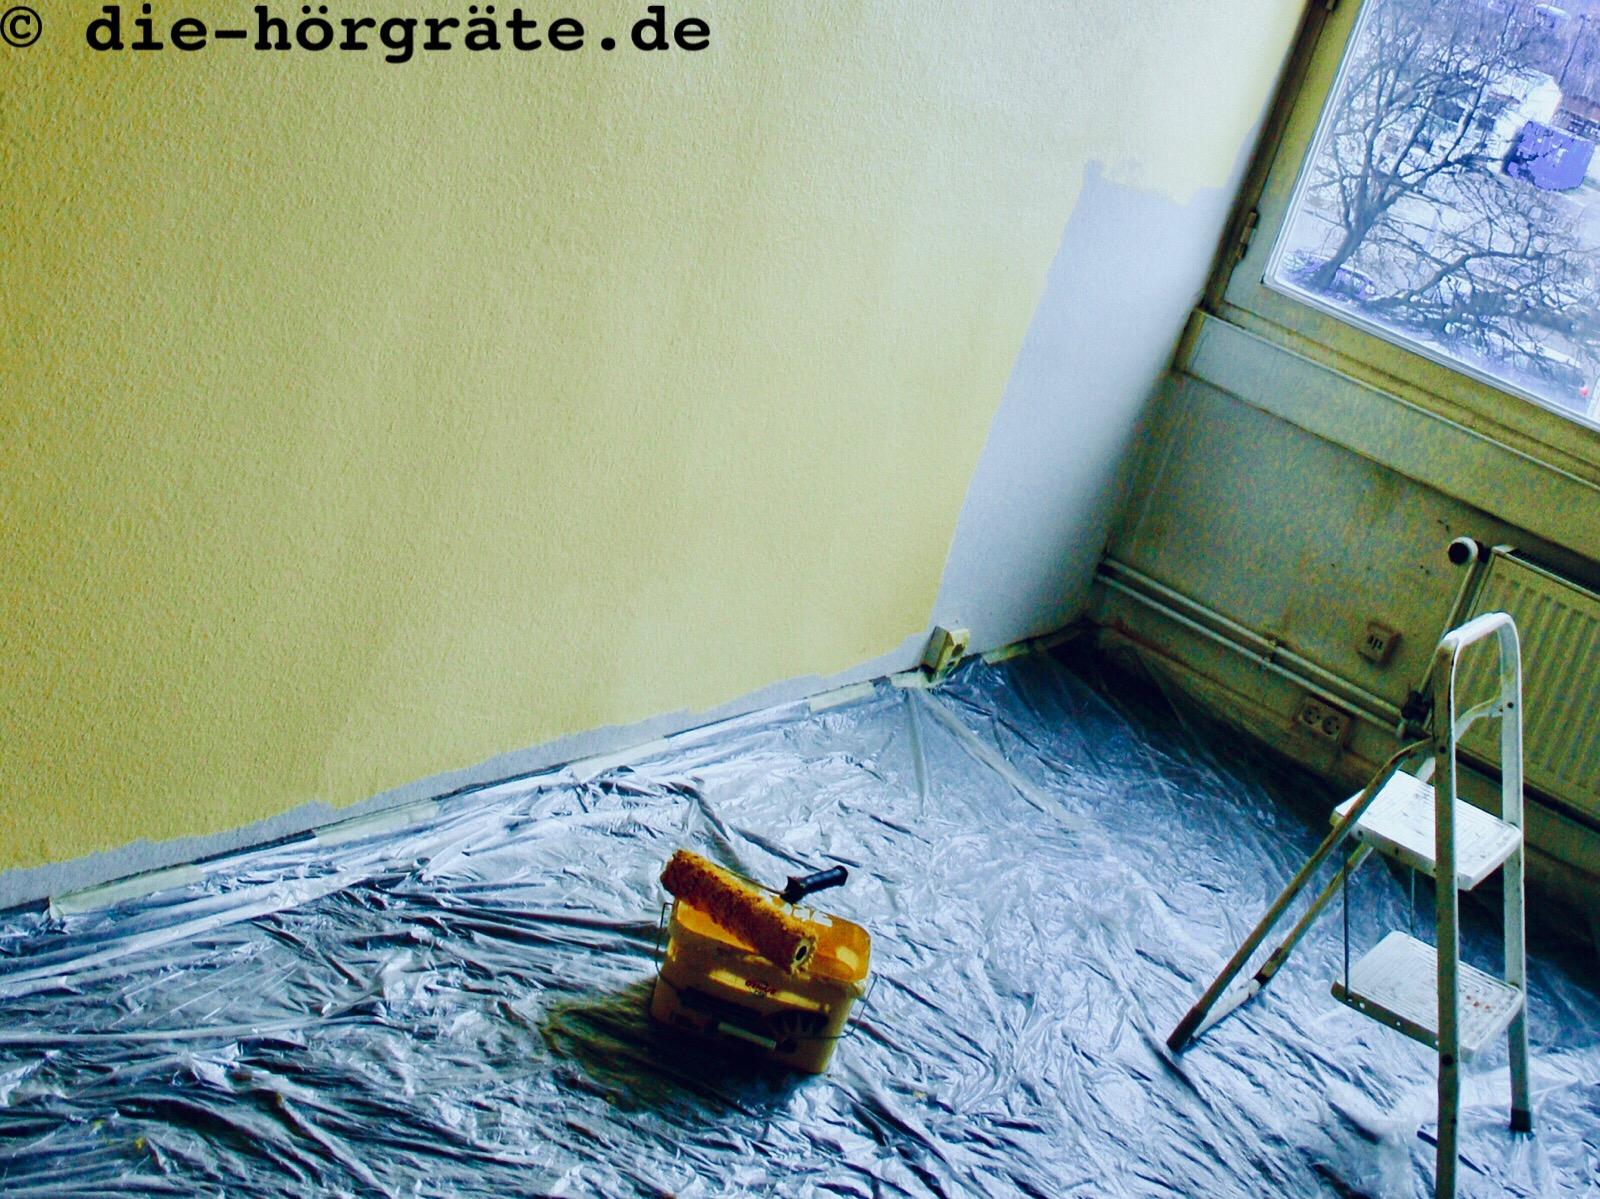 die Ecke eines Büroraumes, der gerade Maisgelb gestrichen wird, der Fußboden ist mit Folie ausgelegt, darauf ein Farbbehälter mit Malerrolle und eine Trittleiter, die Wand ist fast schon komplett maisgelb